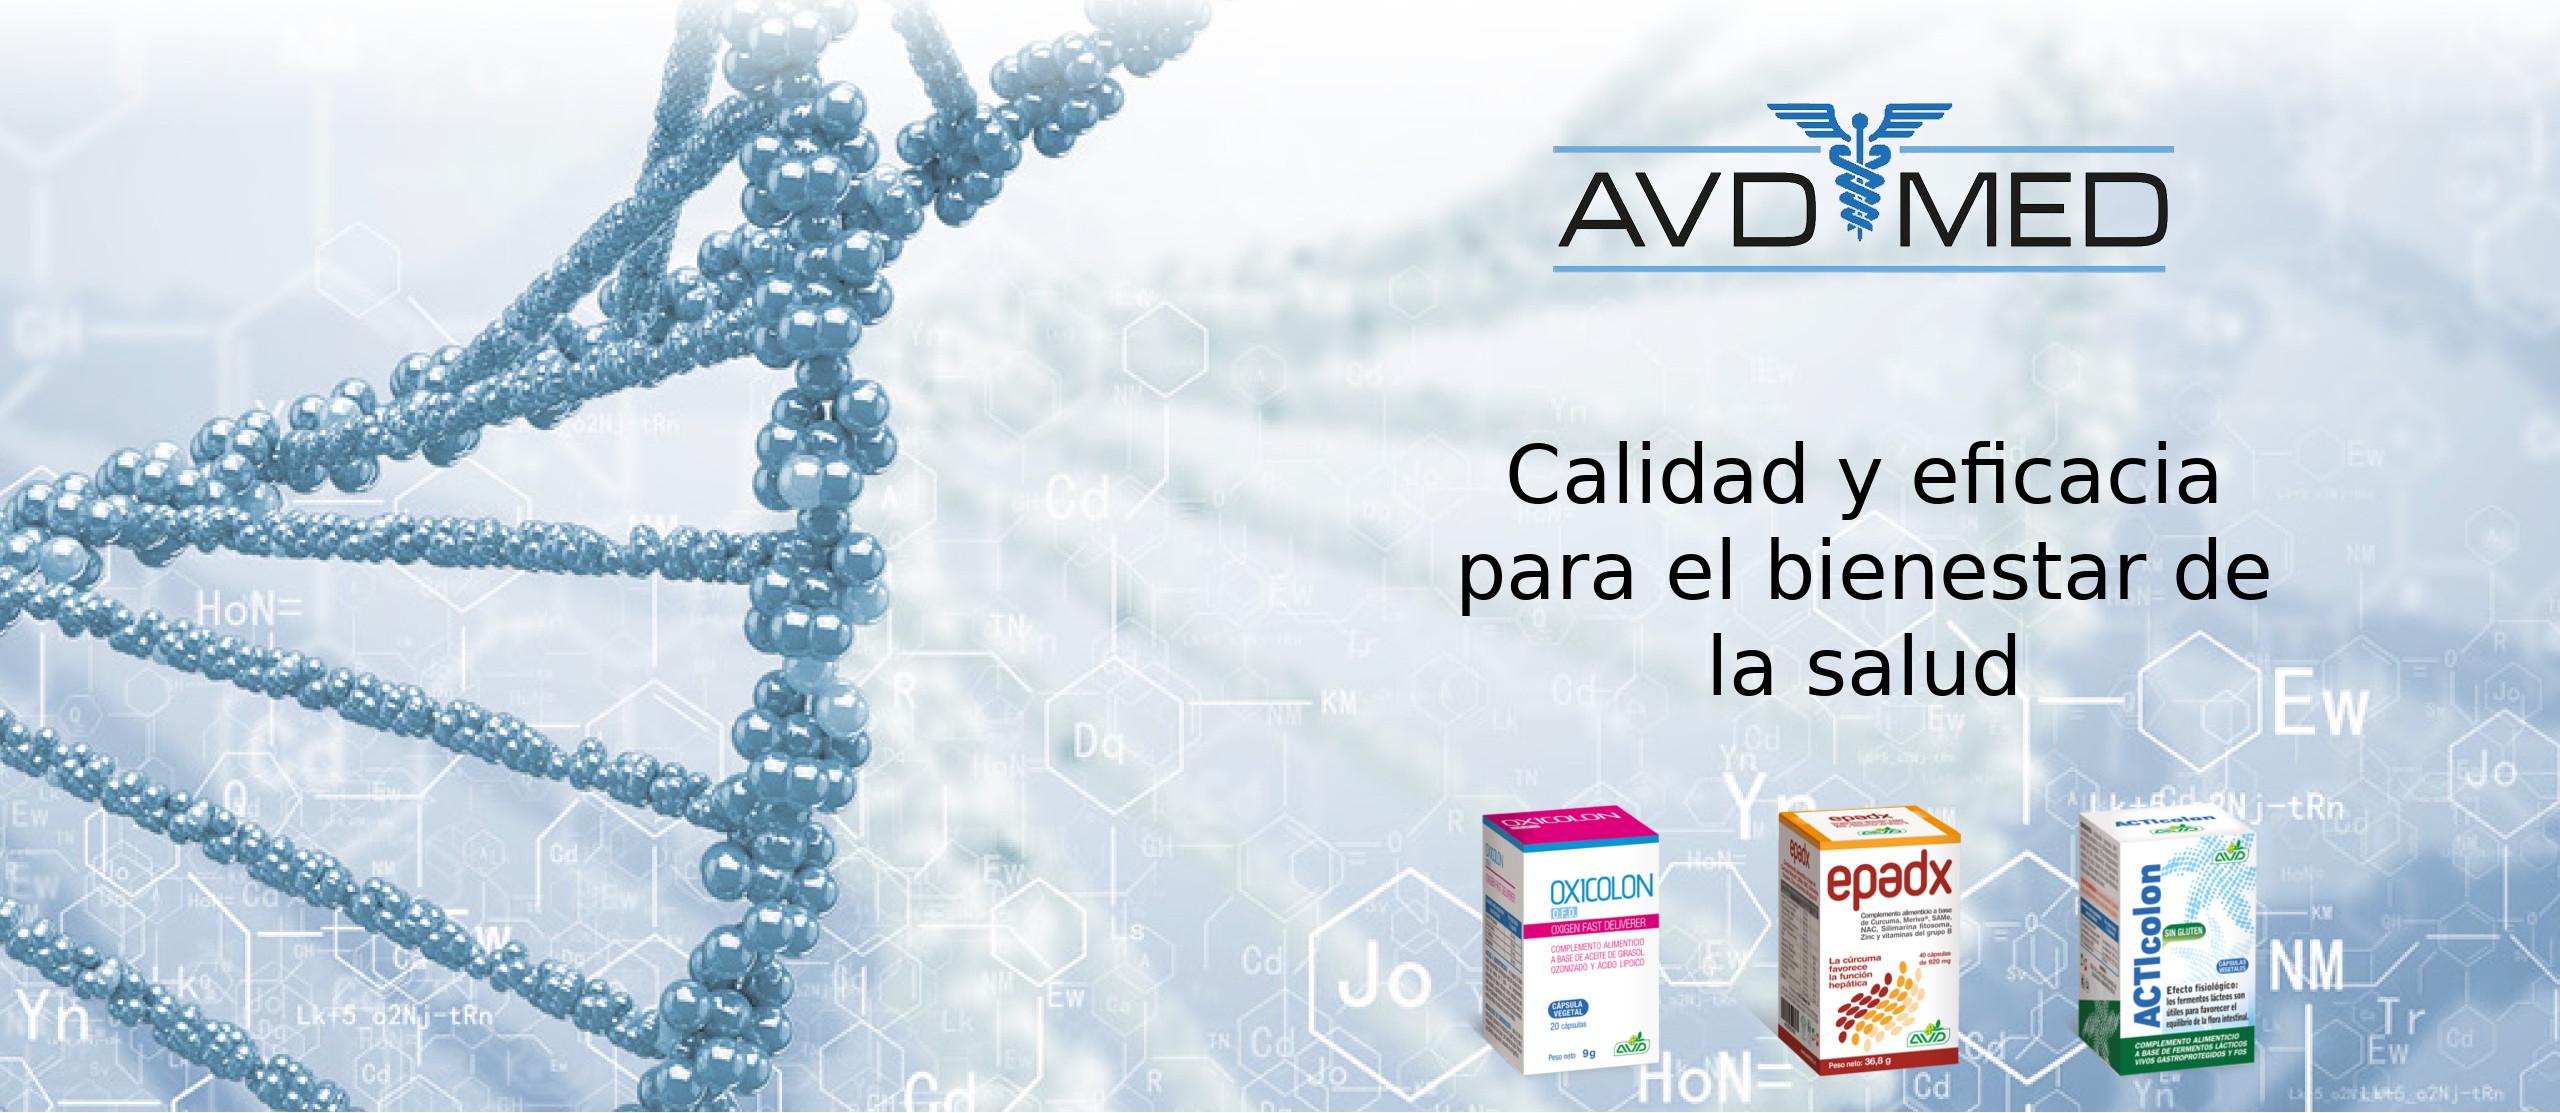 AVD Med